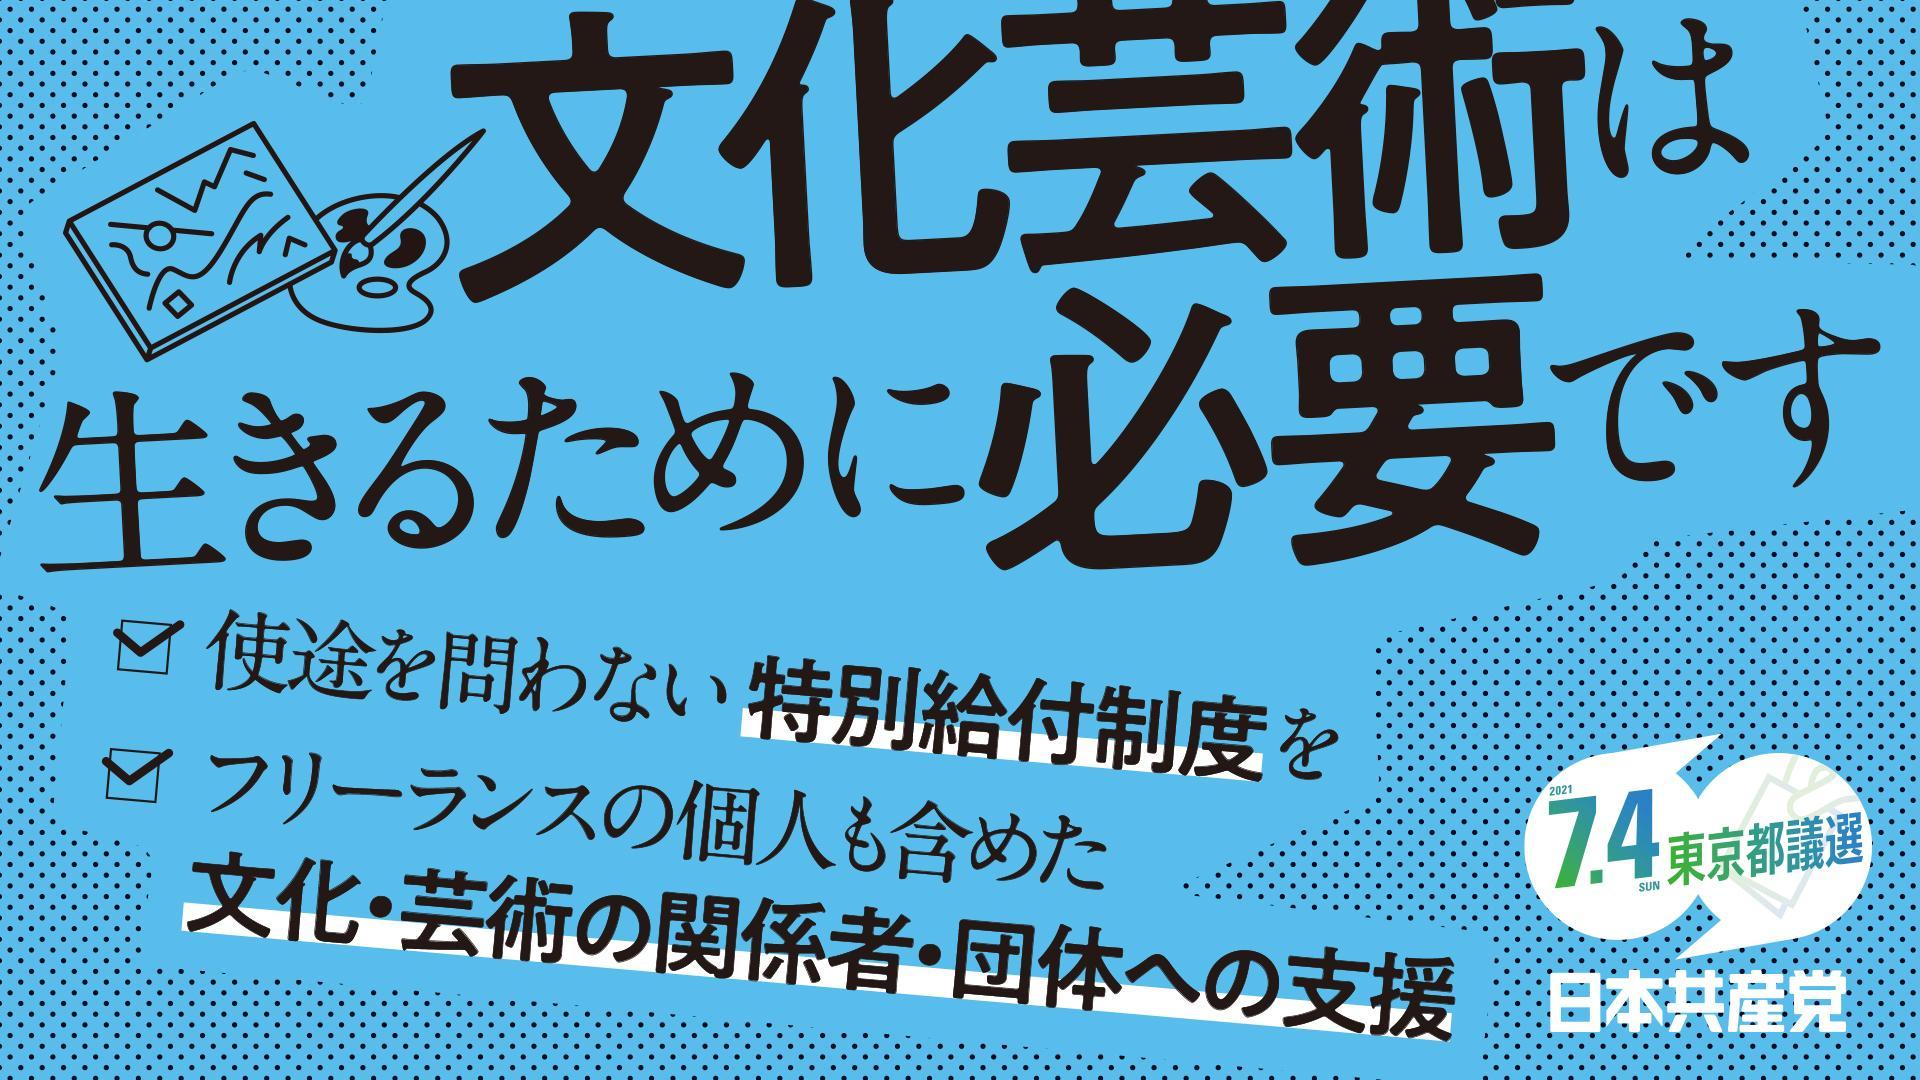 東京都議選2021 文化芸術は生きるために必要です